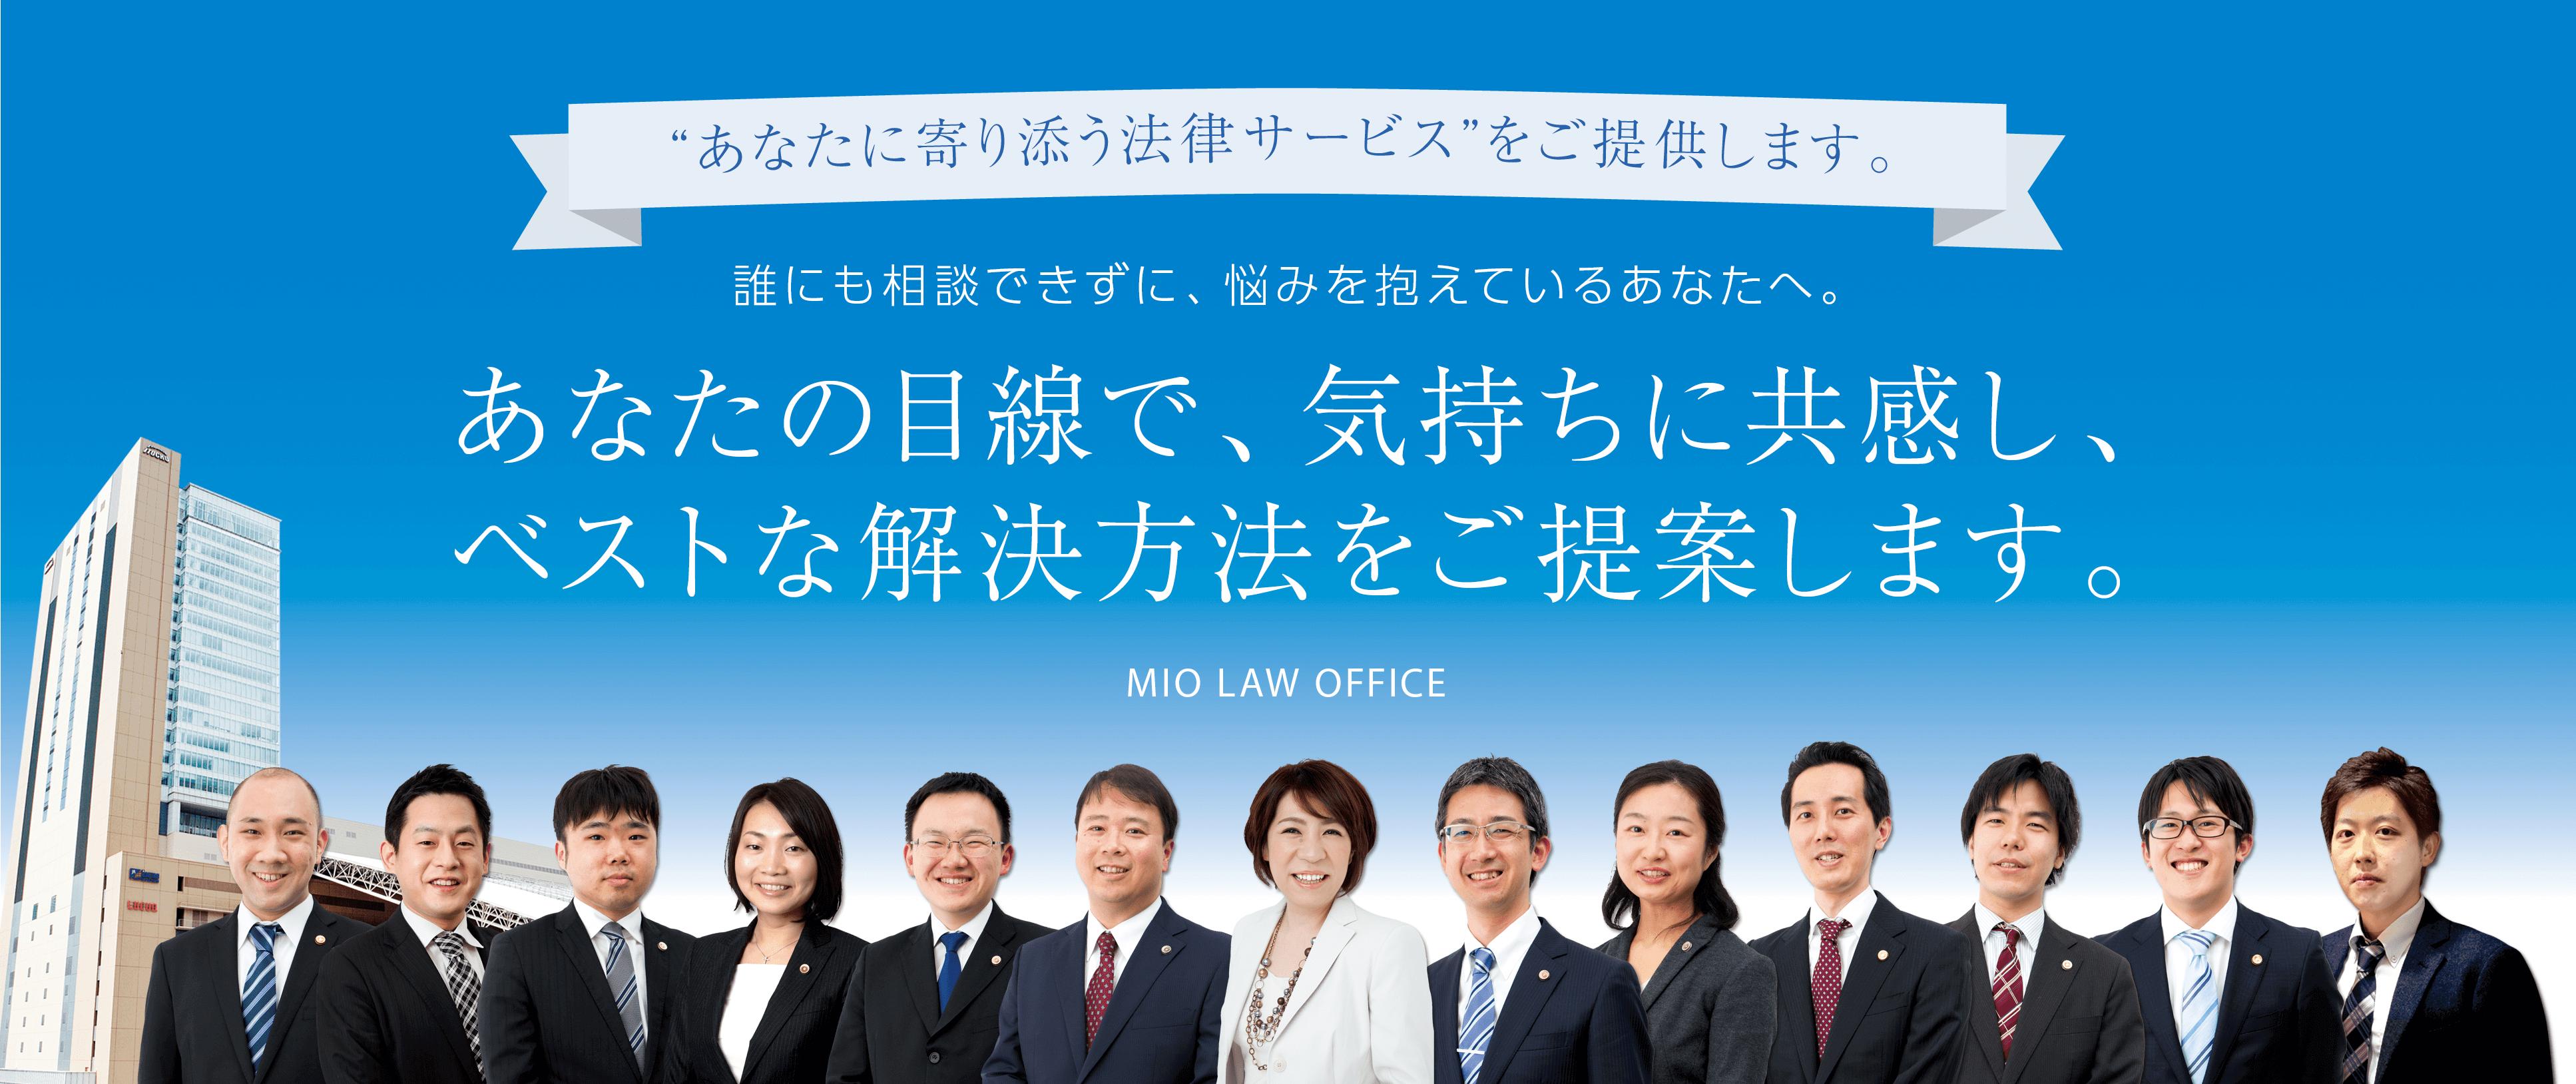 みお綜合法律事務所